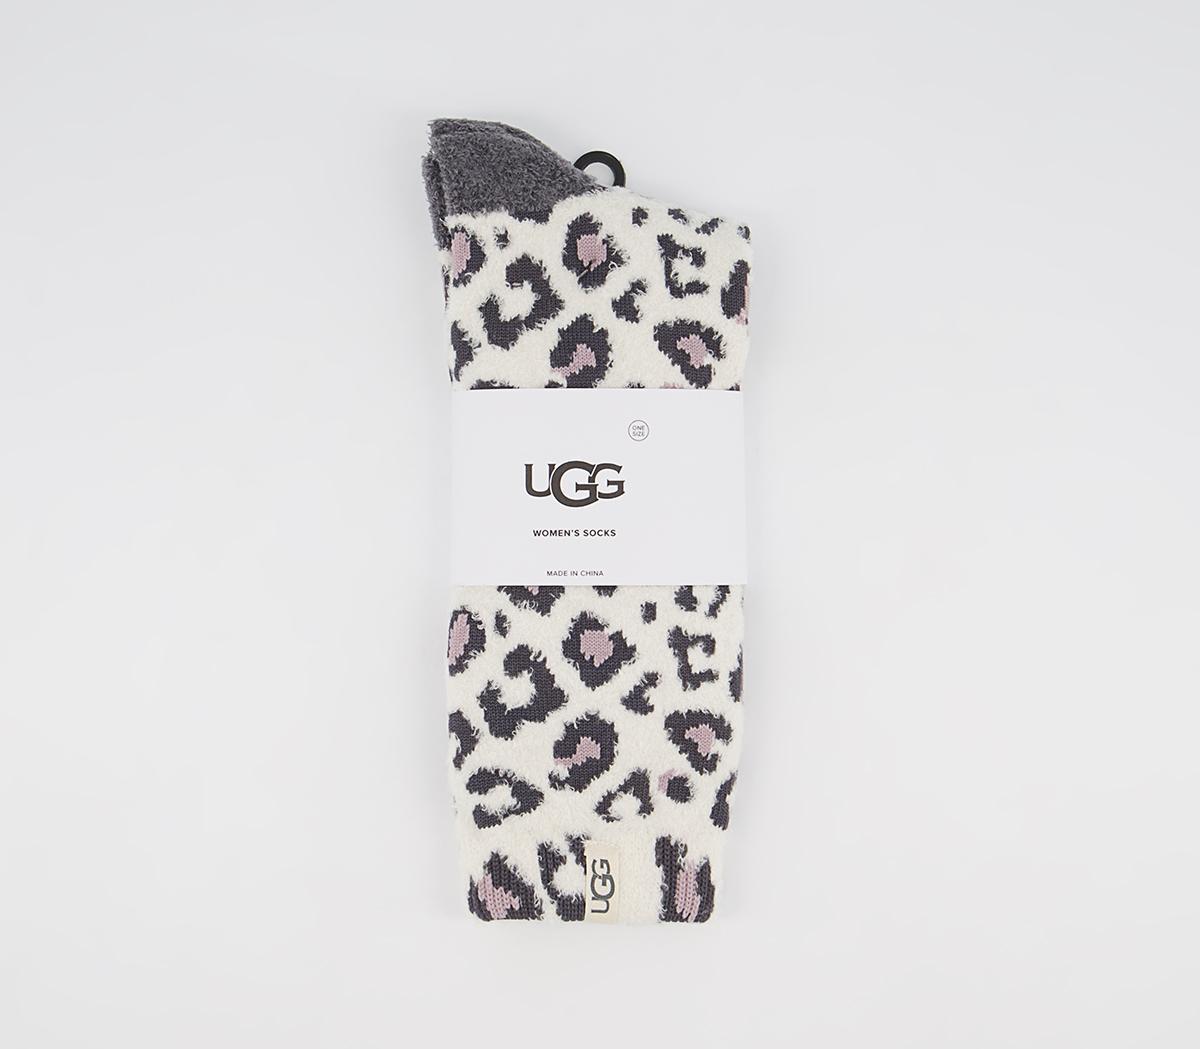 Leslie Graphic Crew Socks